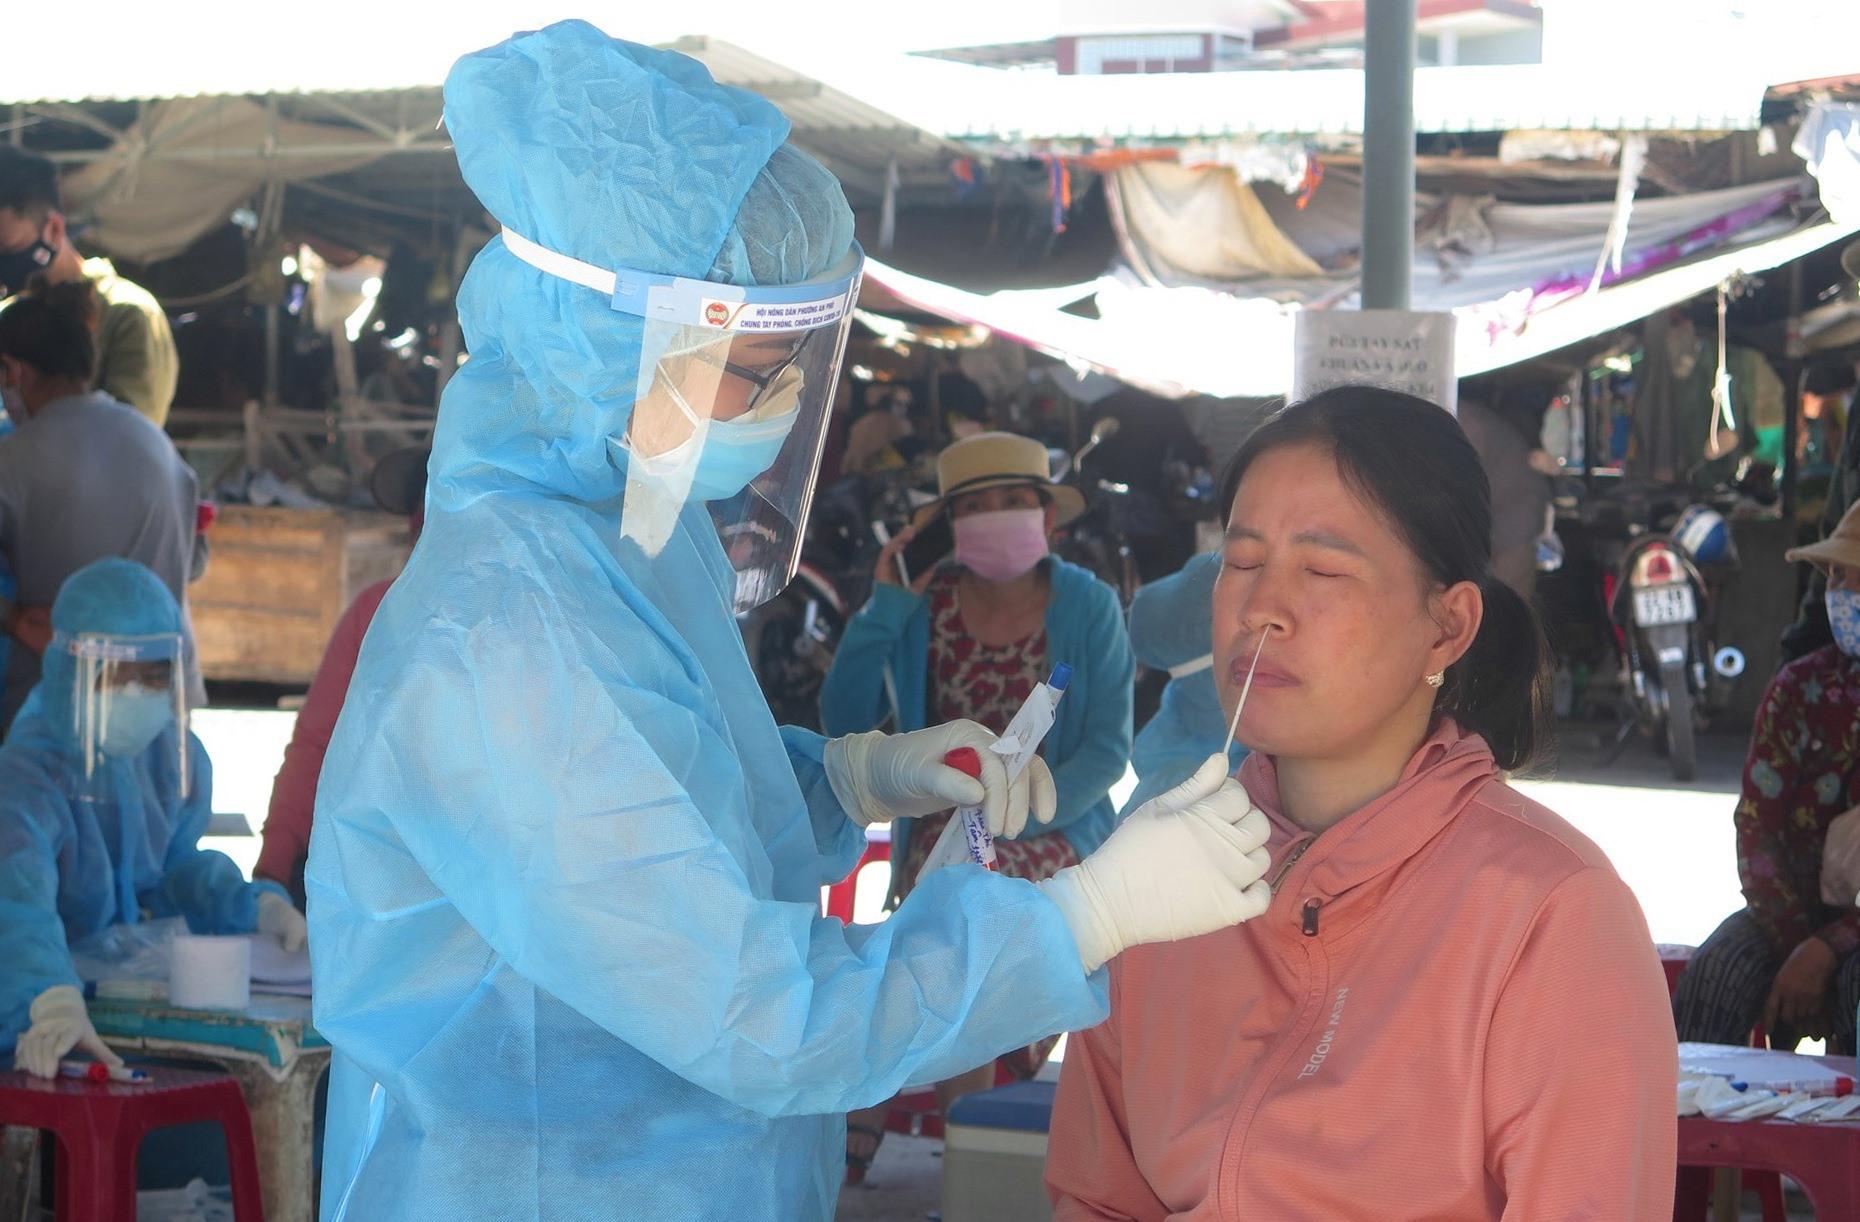 Ngành Y tế sẽ lấy mẫu đối với người về từ TP.Hồ Chí Minh và Hà Nội hiện đang cách ly tại nhà. Ảnh; X.H